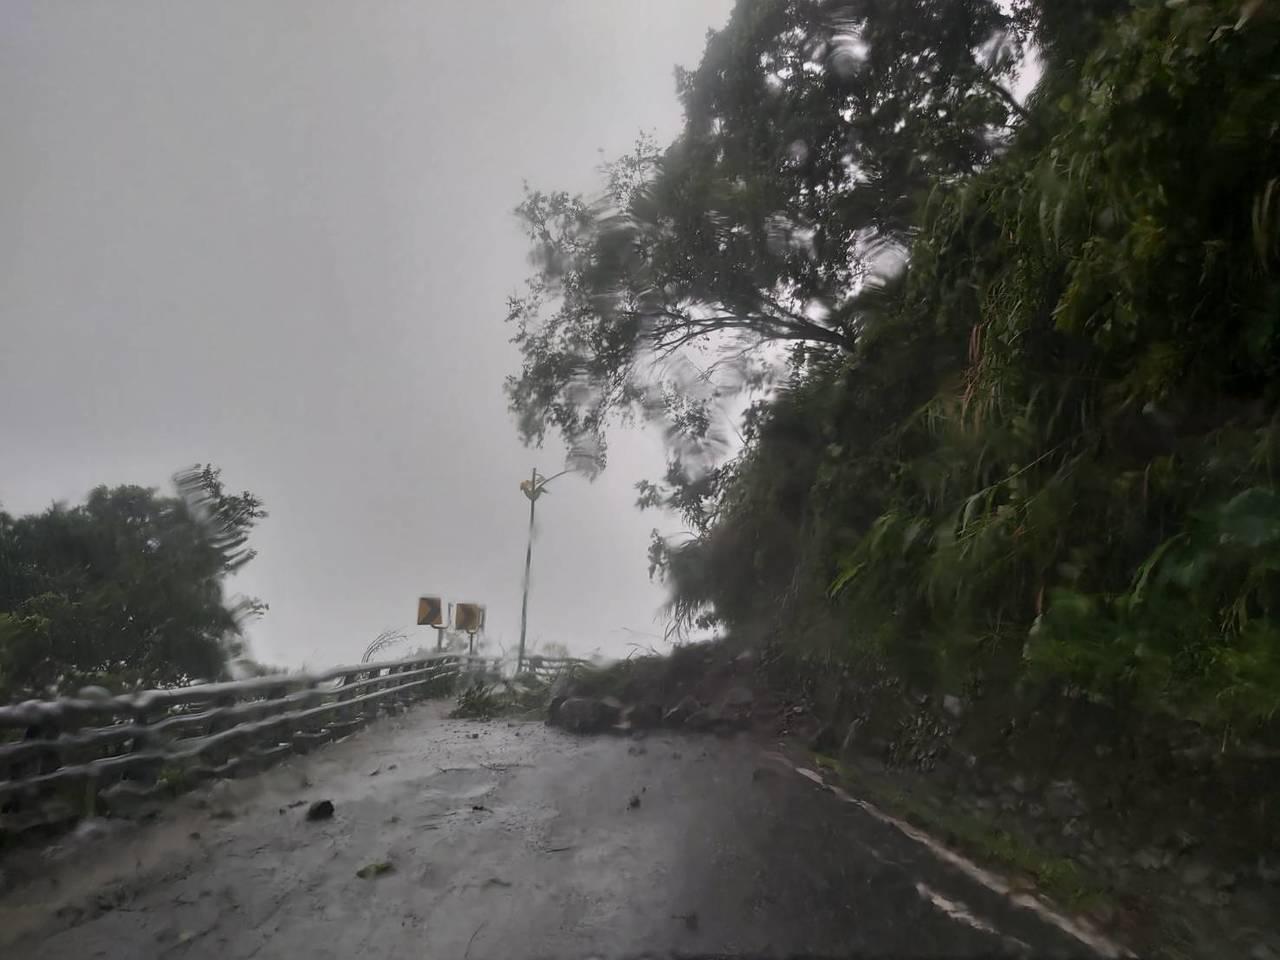 花蓮知名赤科山道路被土石阻斷,邊坡的樹木也搖搖欲墜。圖/民眾提供